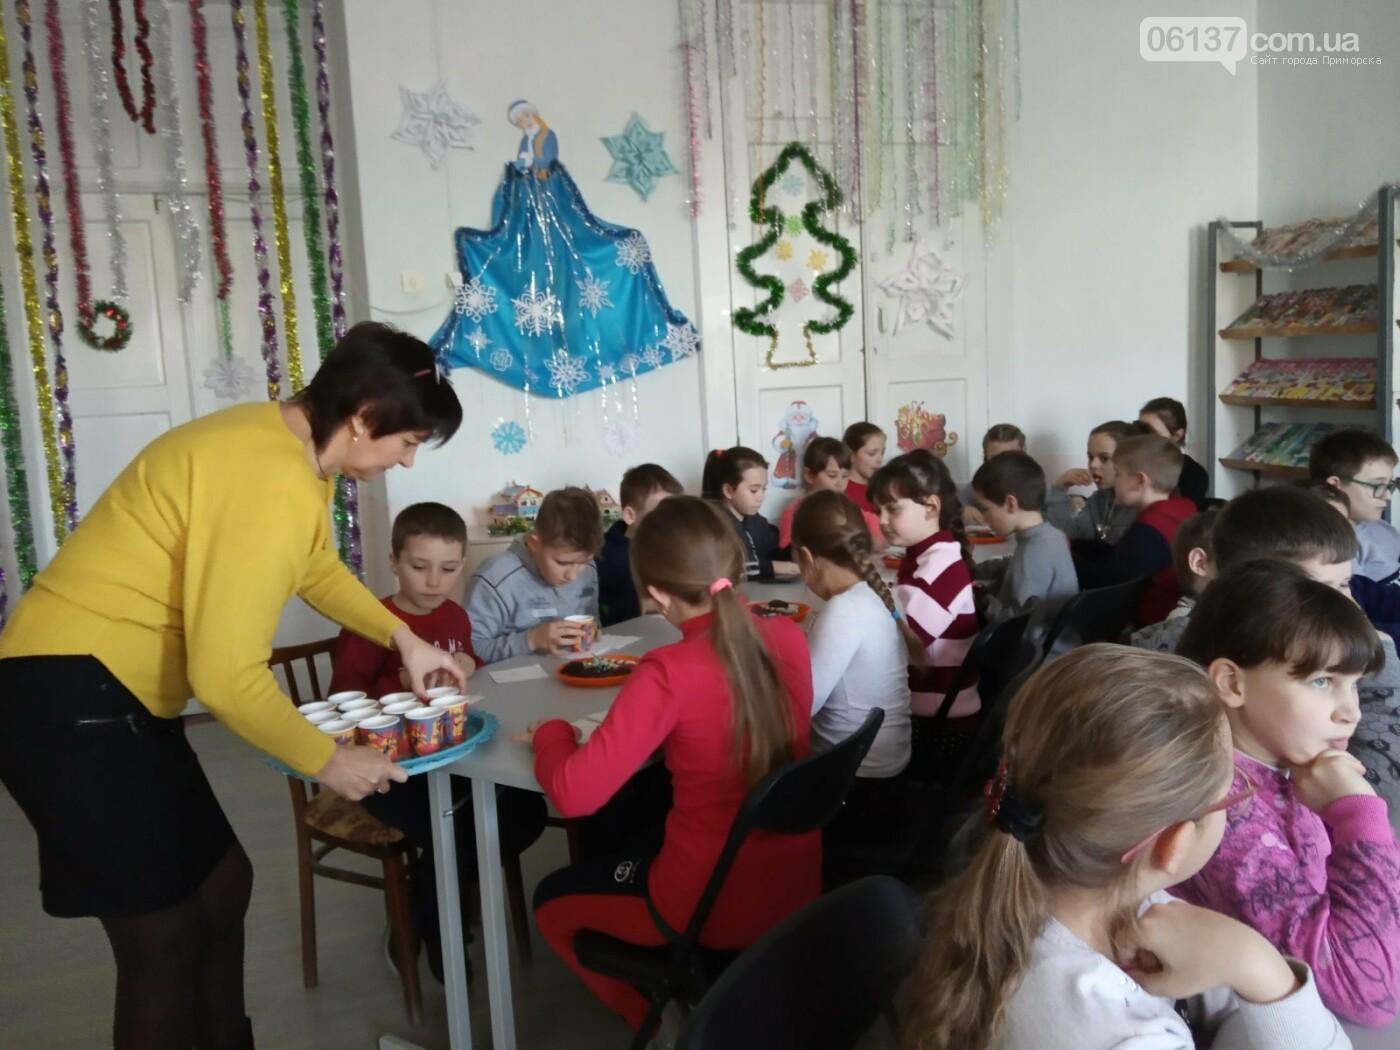 Мульткинозал в Приморской городской библиотеке, фото-2